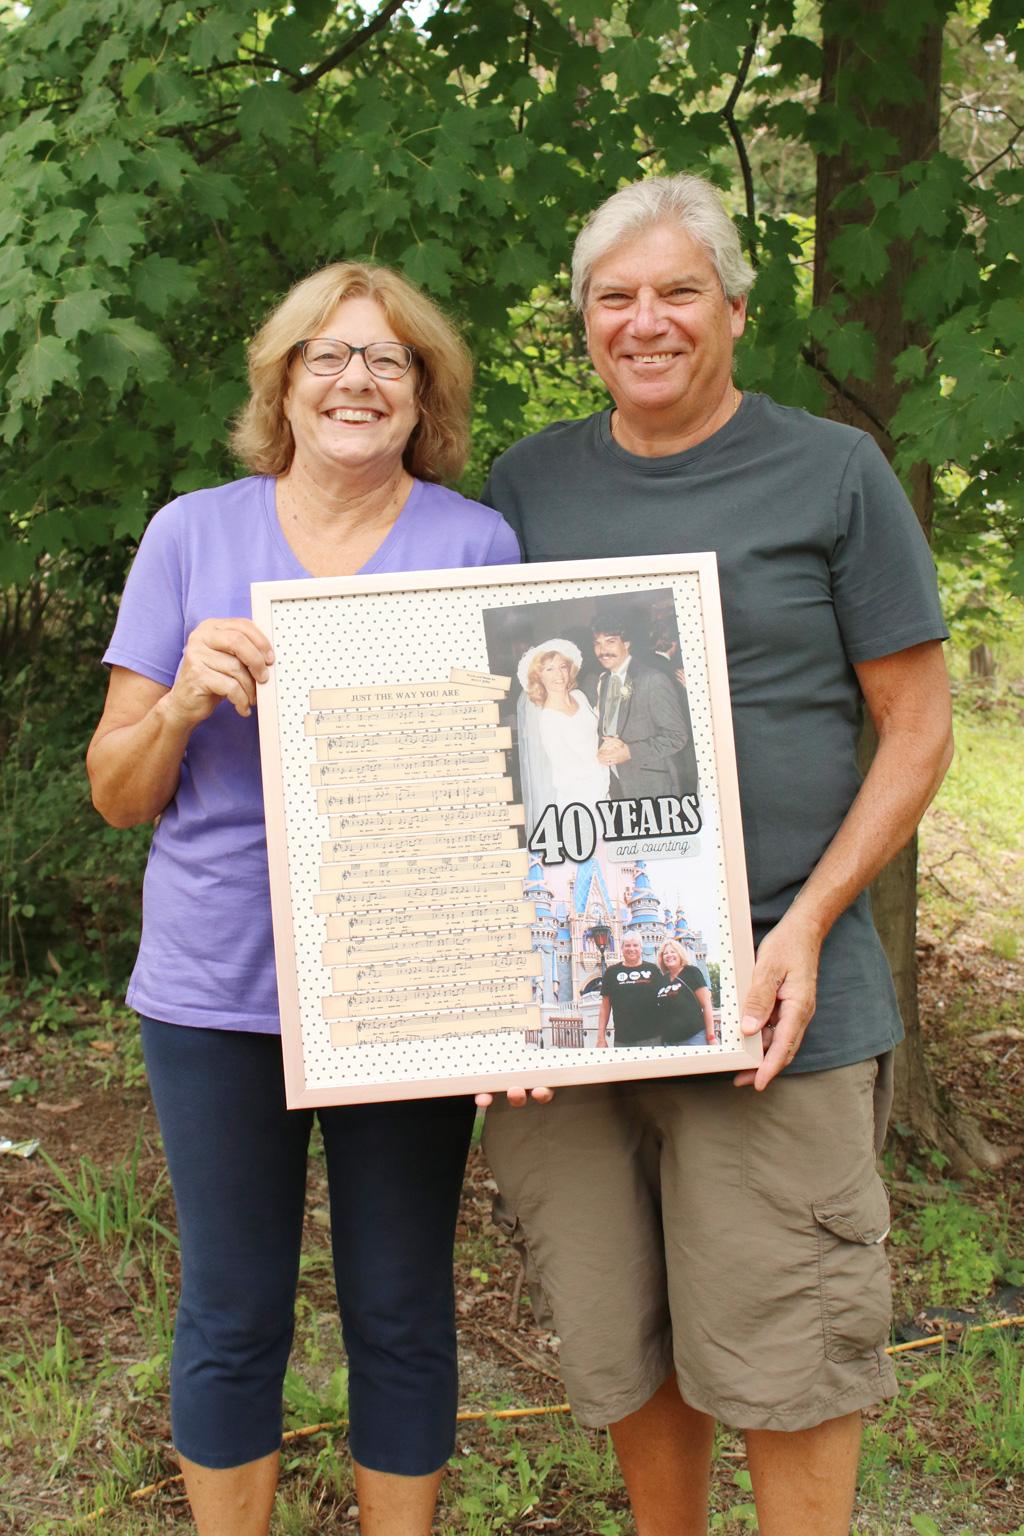 Wedding Song Gift Couple